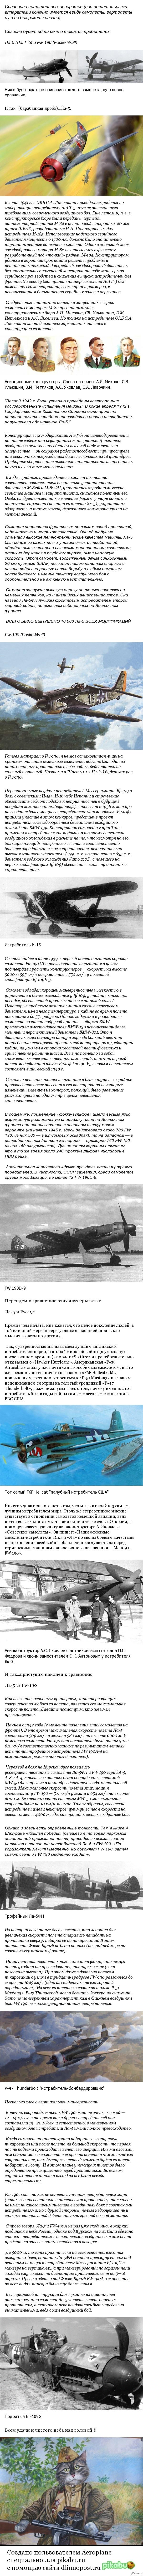 А не сравнить ли нам летательные аппараты. Ла-5, Fw-190 и многое другое.